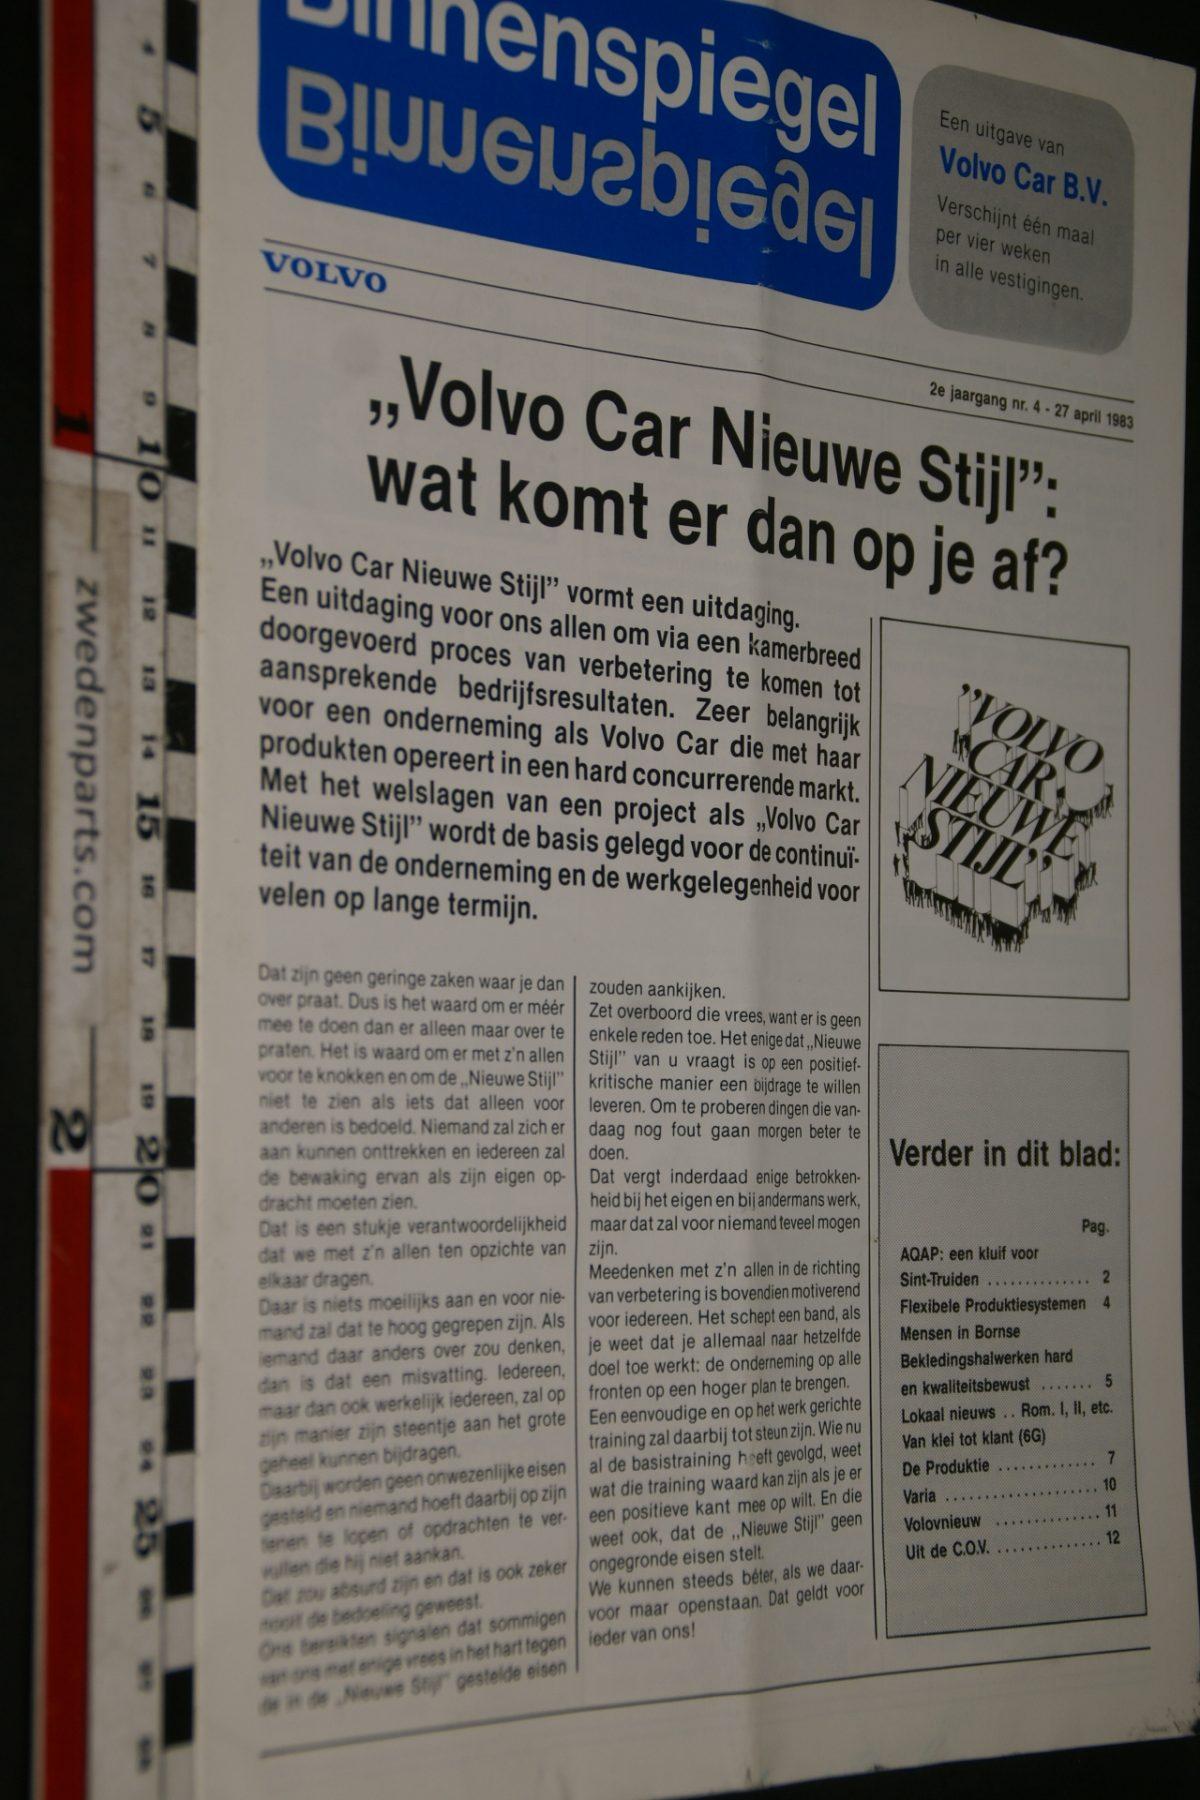 DSC05099 1983 tijdschrift Volvo Binnenspiegel nr 4